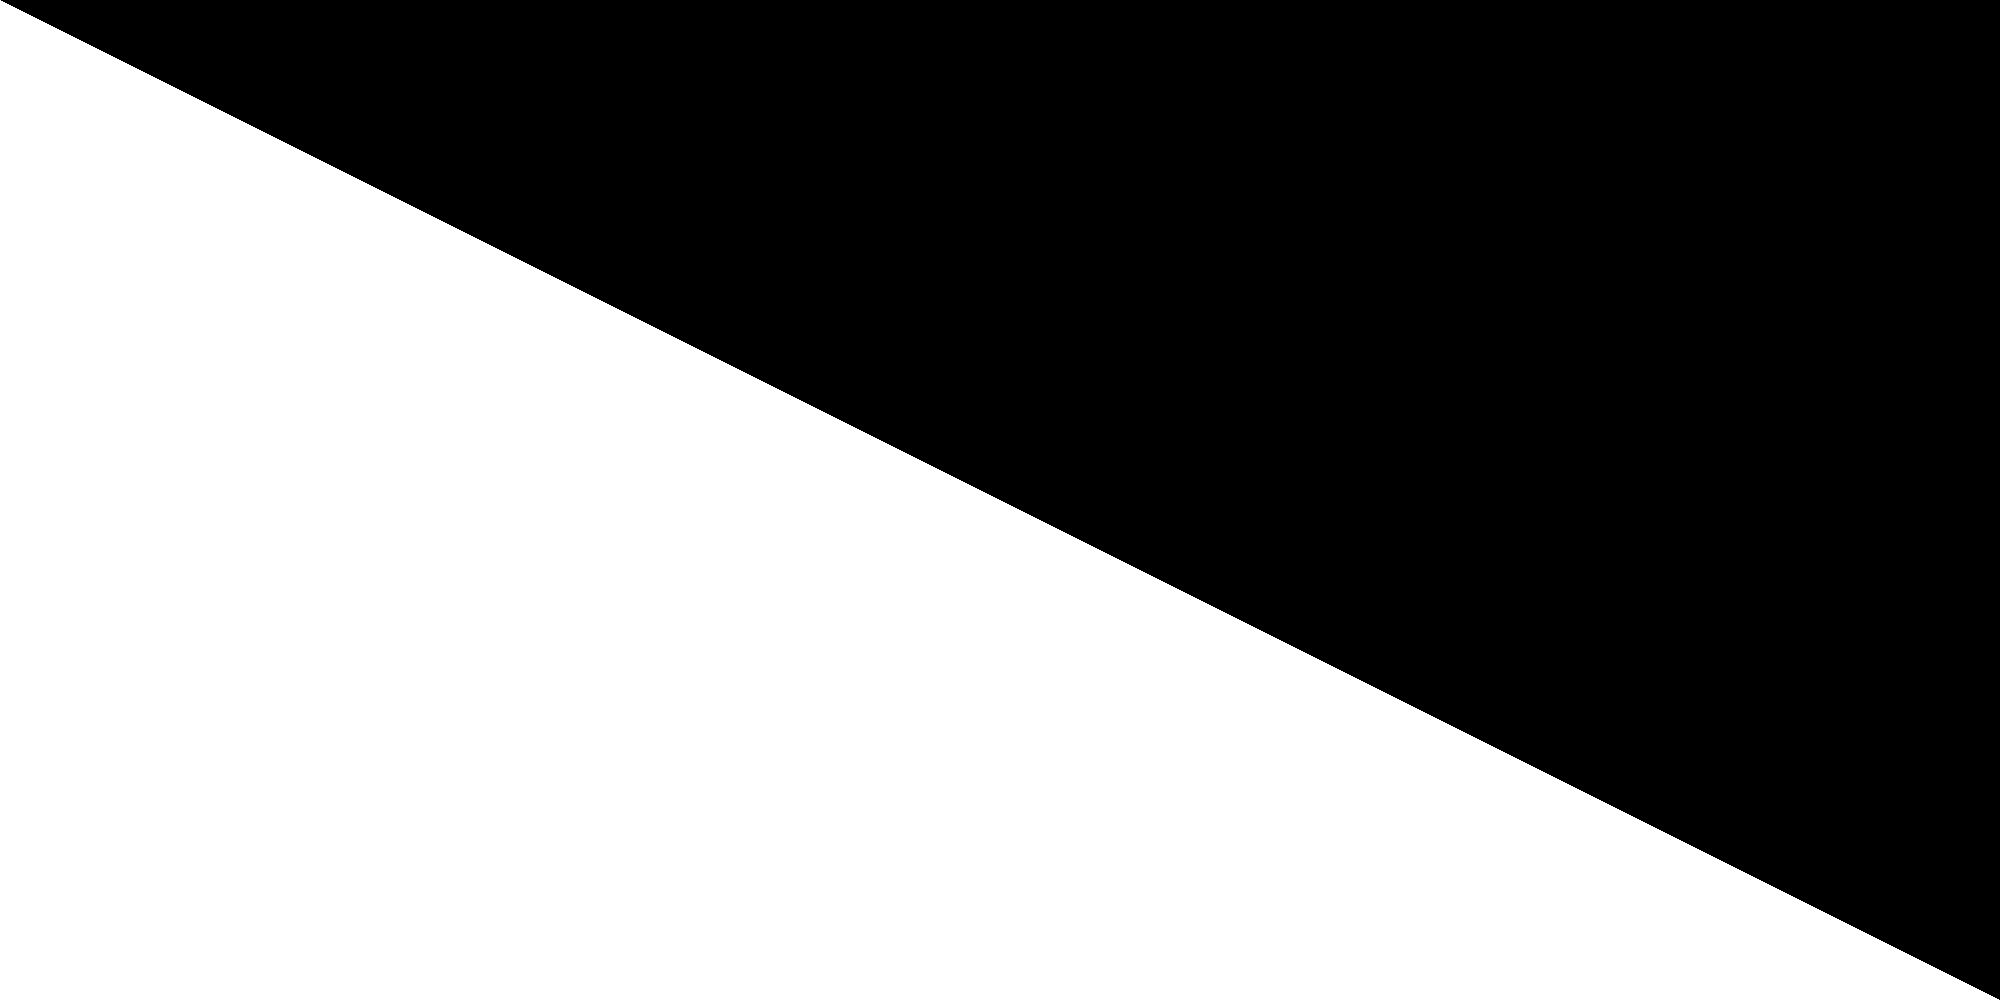 left background slit image 2